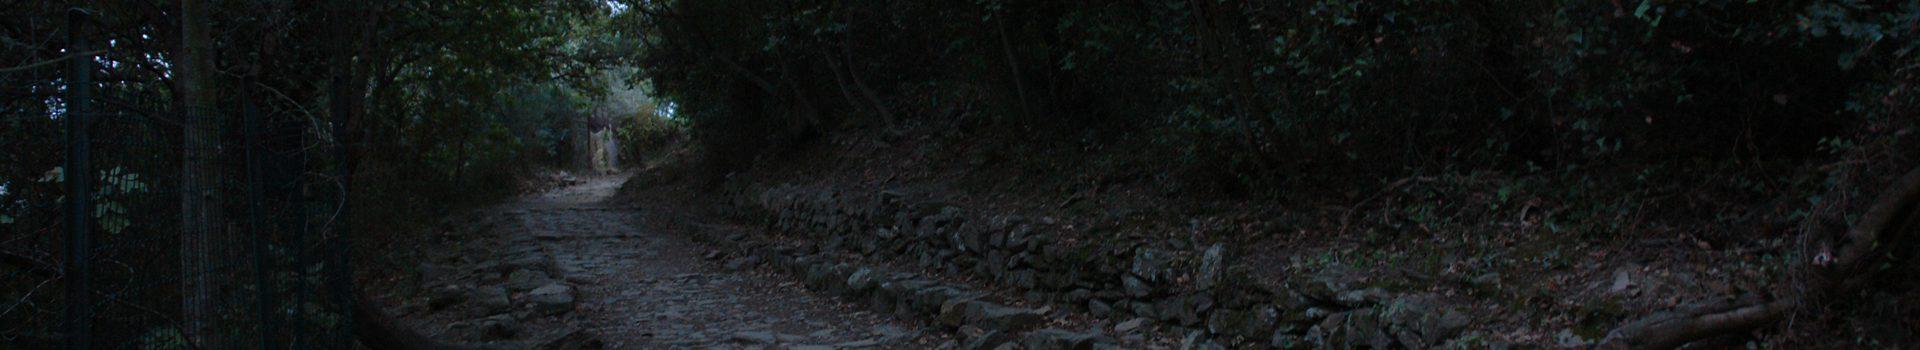 Via Iulia Augusta – Laufe auf einer 2000 Jahre alten Straße!